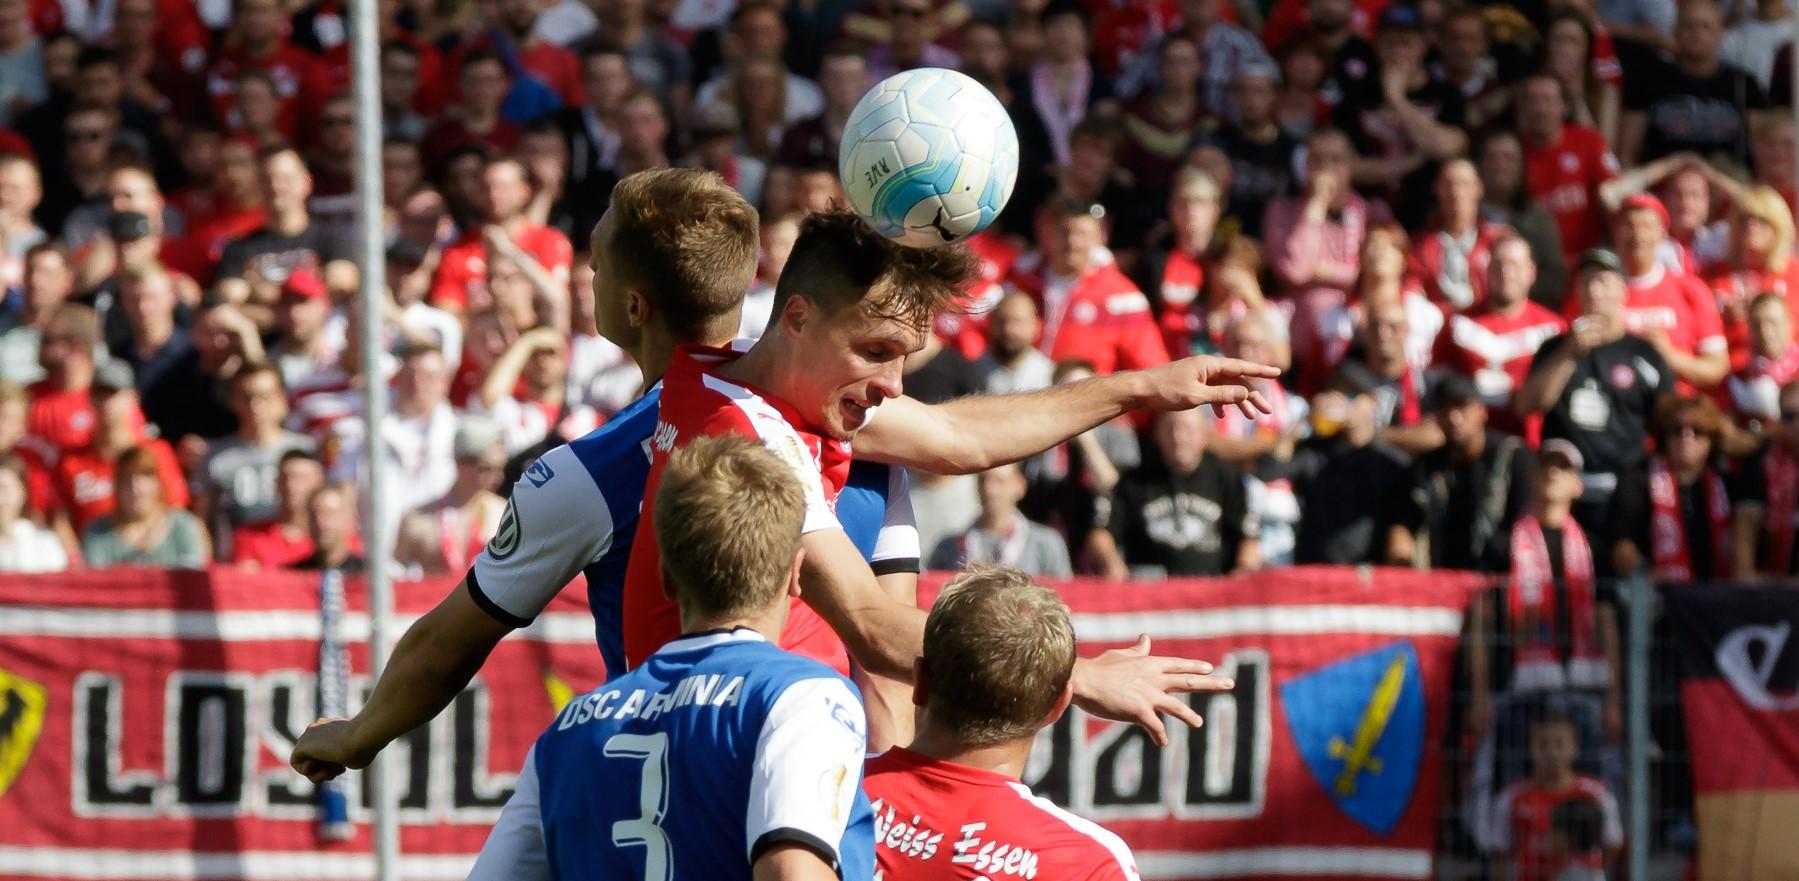 In der vergangenen Saison standen sich die beiden Traditionsvereine im DFB-Pokal gegenüber. (Foto: Tillmann)